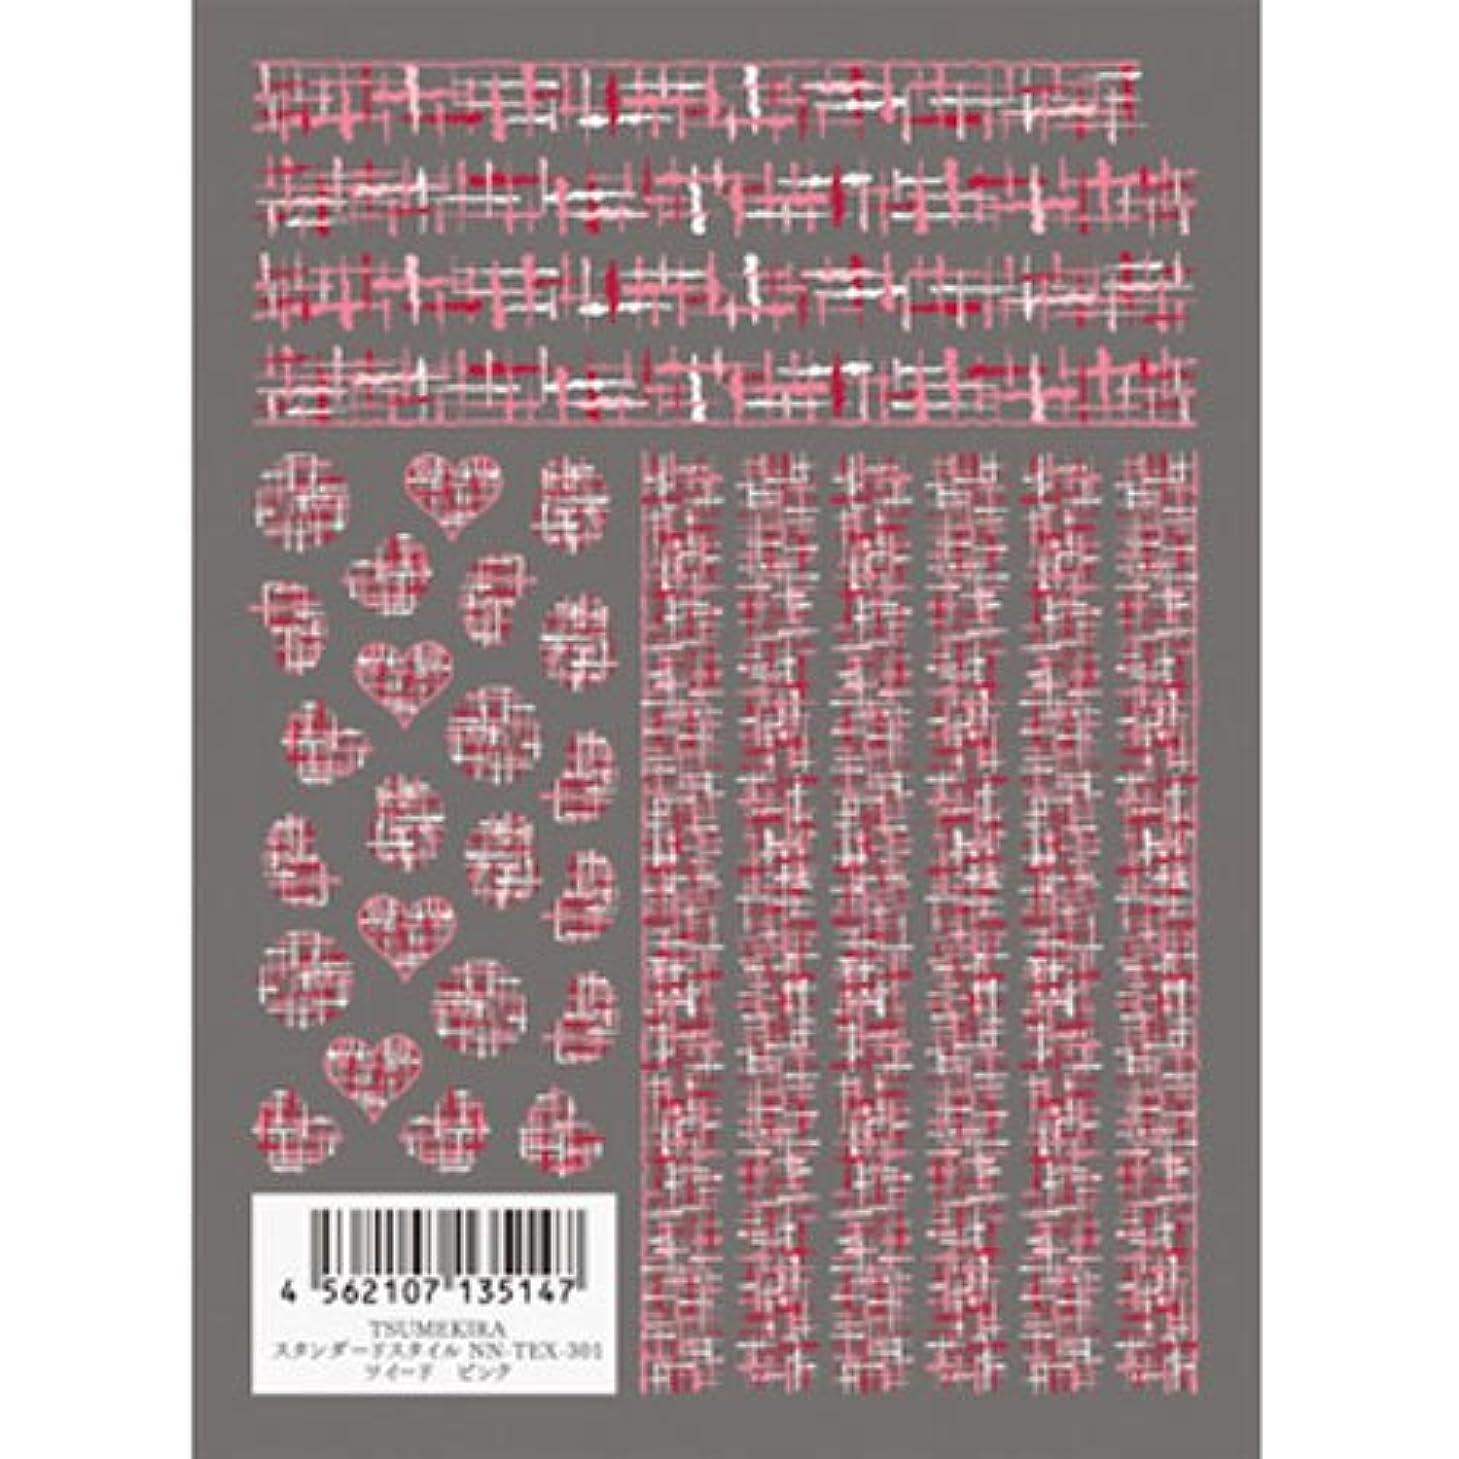 ツメキラ ネイル用シール スタンダードスタイル ツイードピンク  NN-TEX-301